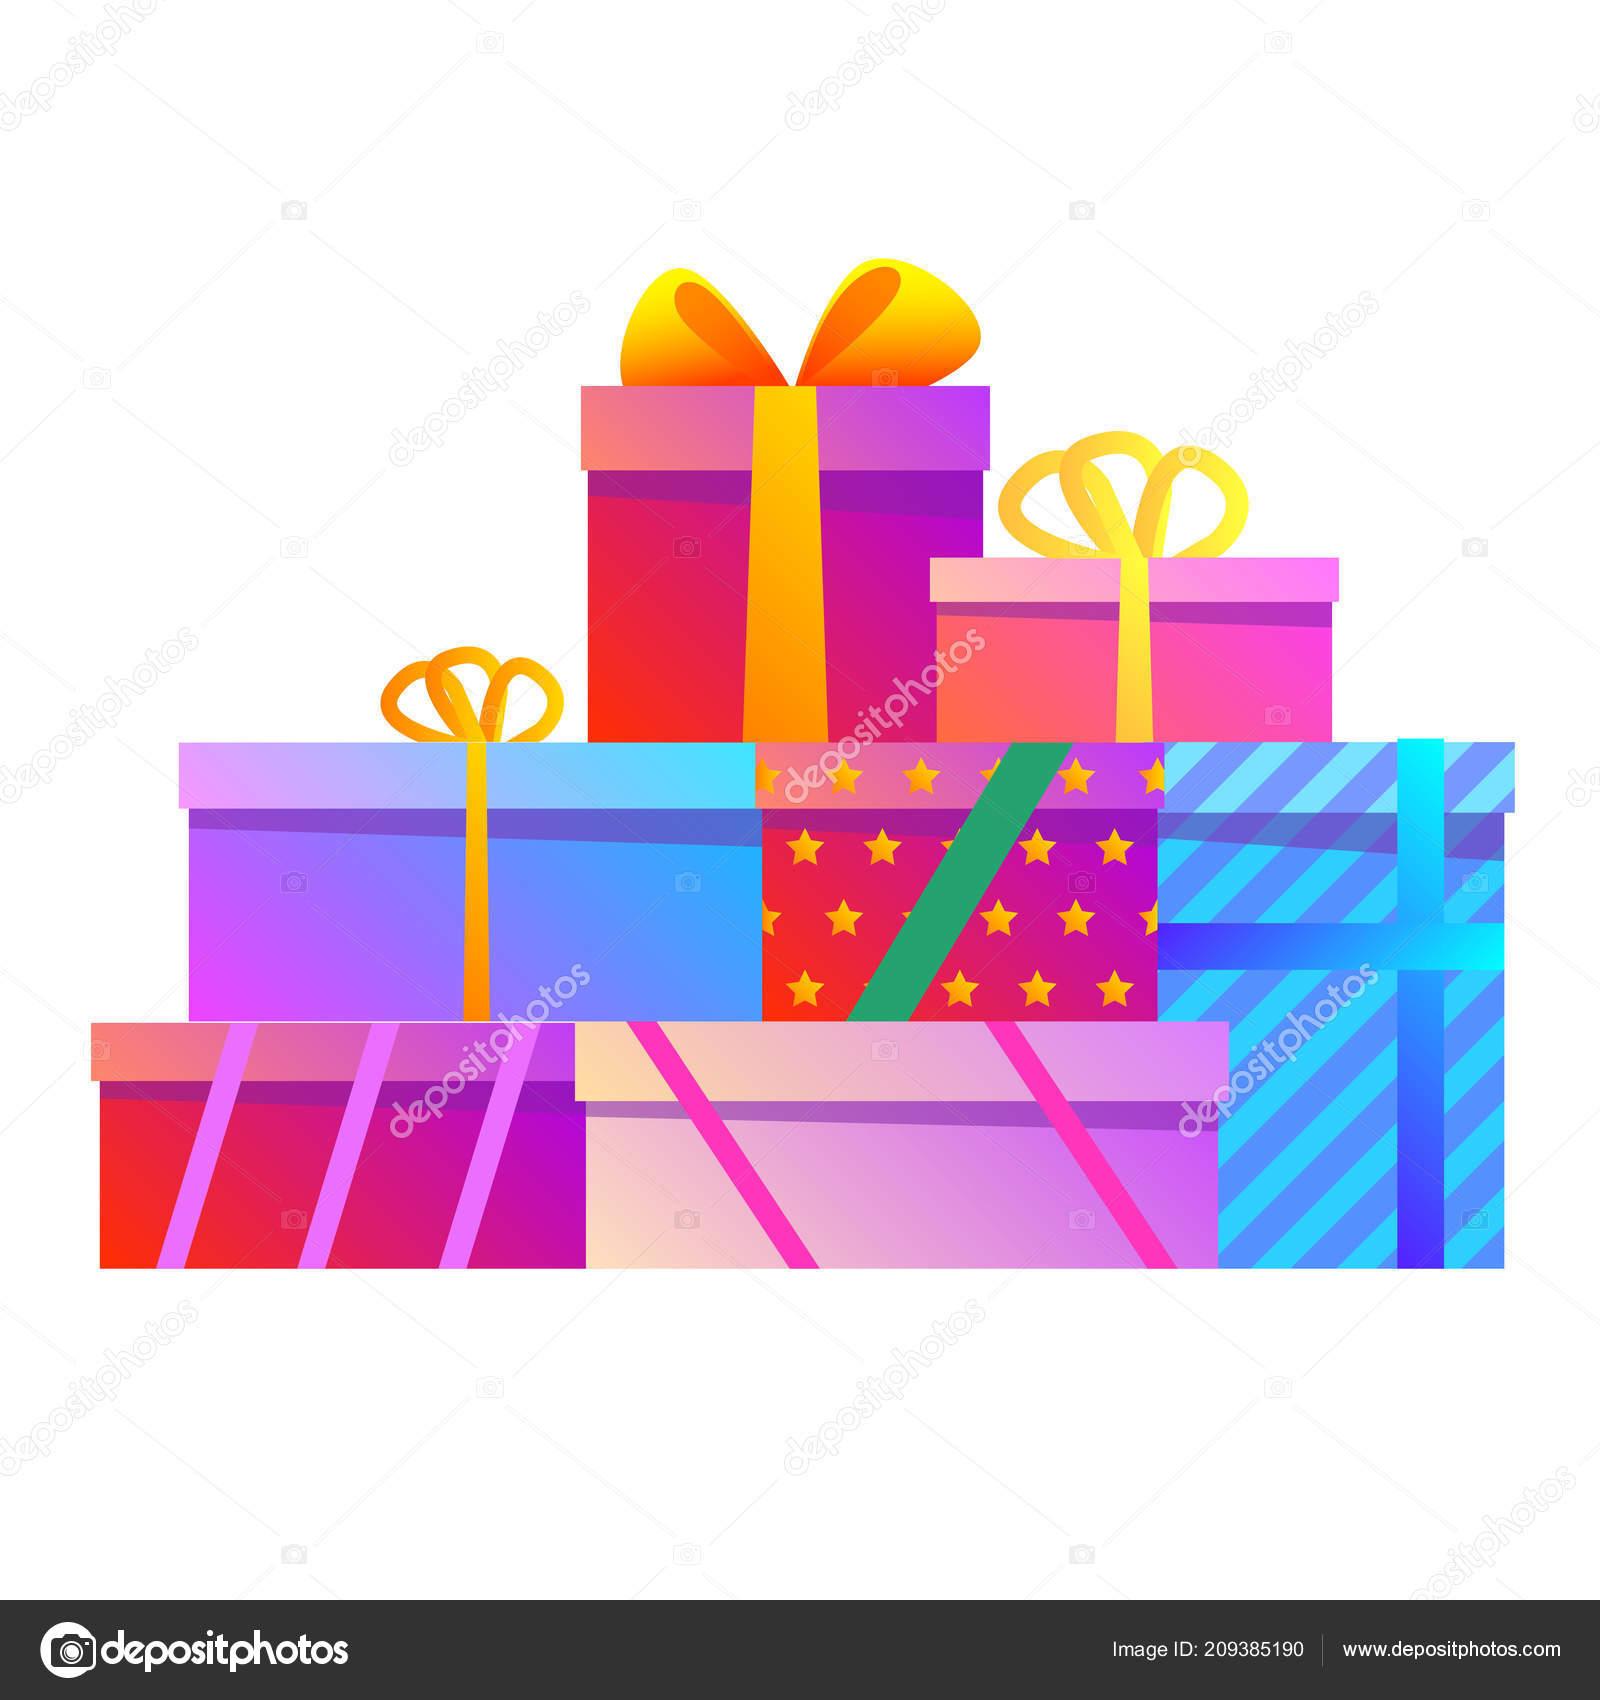 Herzlichen Glückwunsch Zum Geburtstag Frohe Weihnachten